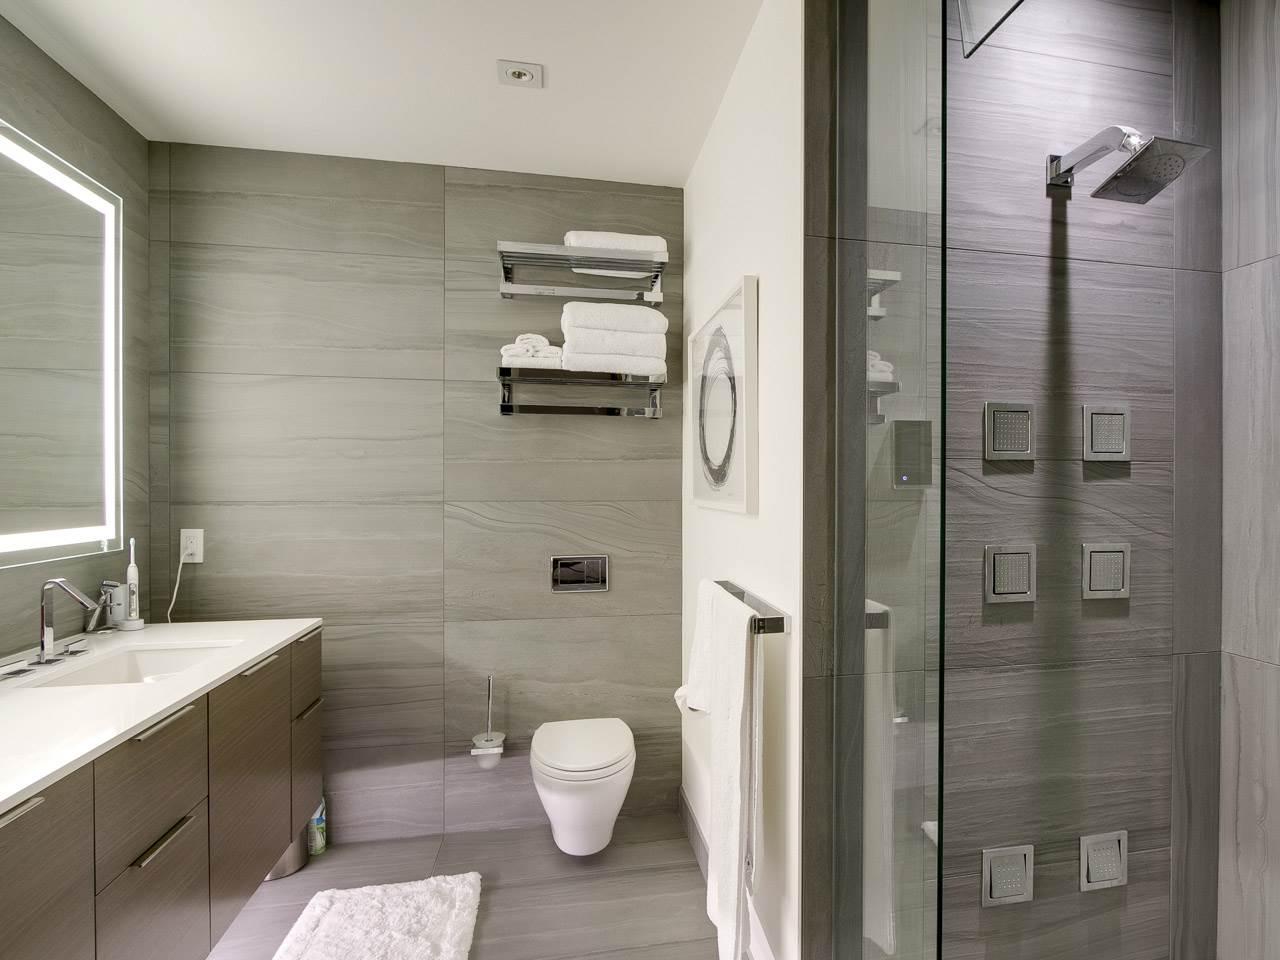 Condo Apartment at PH3 980 COOPERAGE WAY, Unit PH3, Vancouver West, British Columbia. Image 11